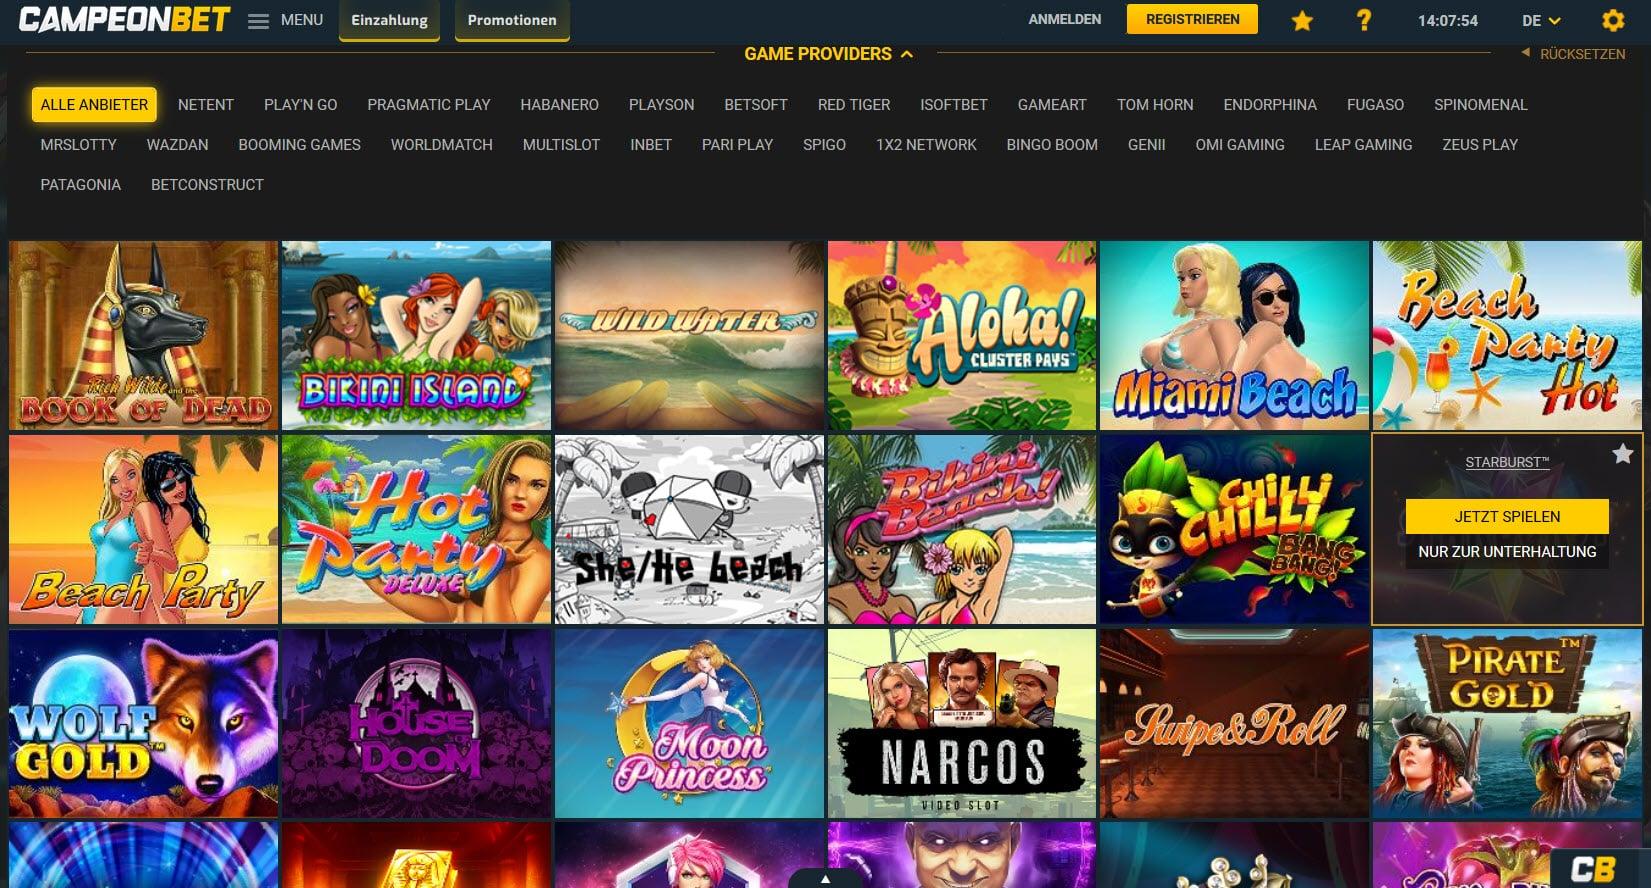 Campeonbet Casino Spiele und Casinospiele Anbieter